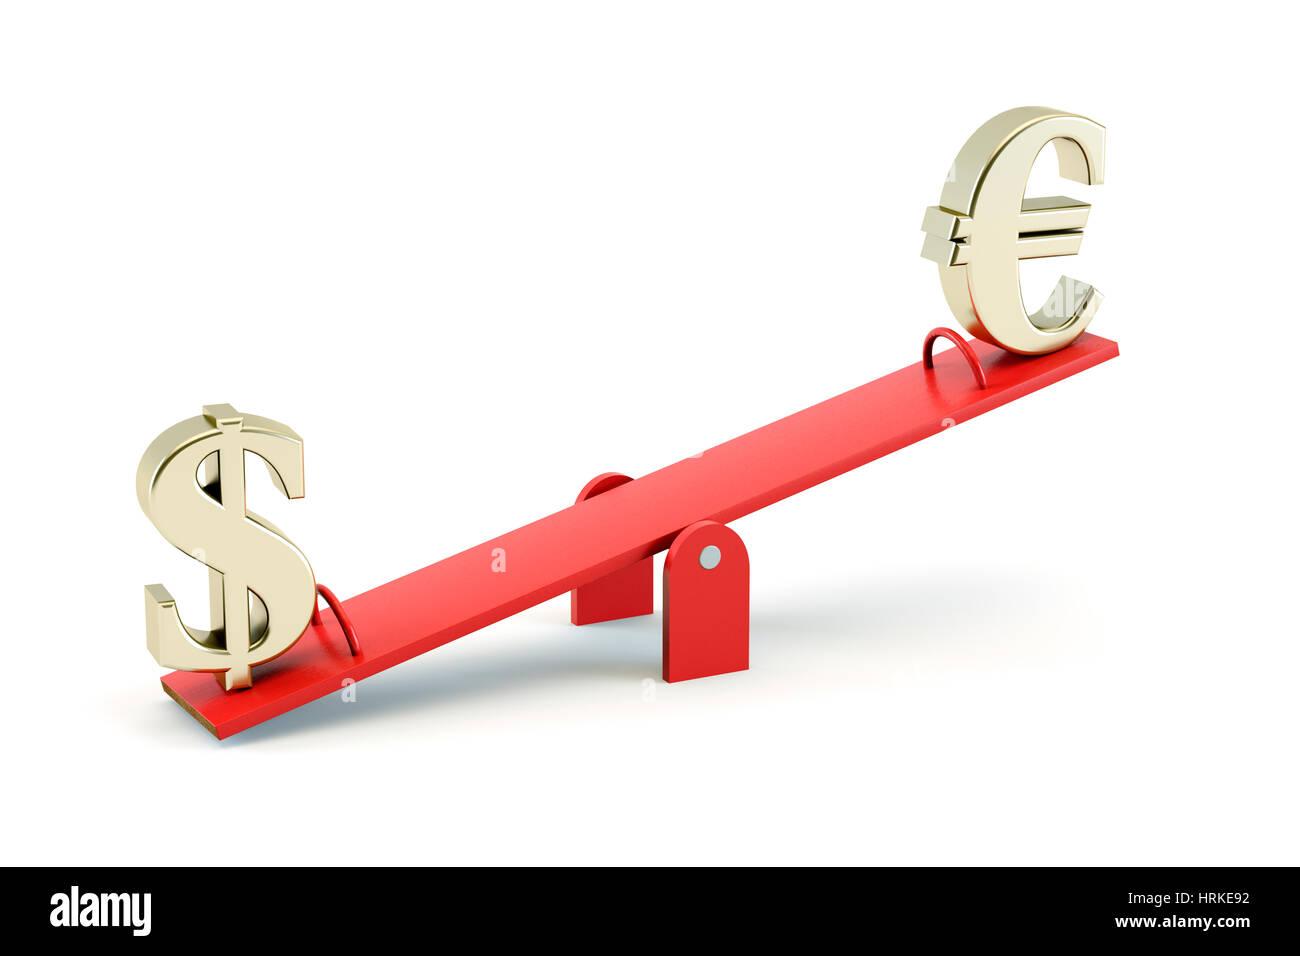 Ci oro simbolo del dollaro e oro simbolo dell'euro su un altalena isolato su uno sfondo bianco - tasso di cambio Immagini Stock